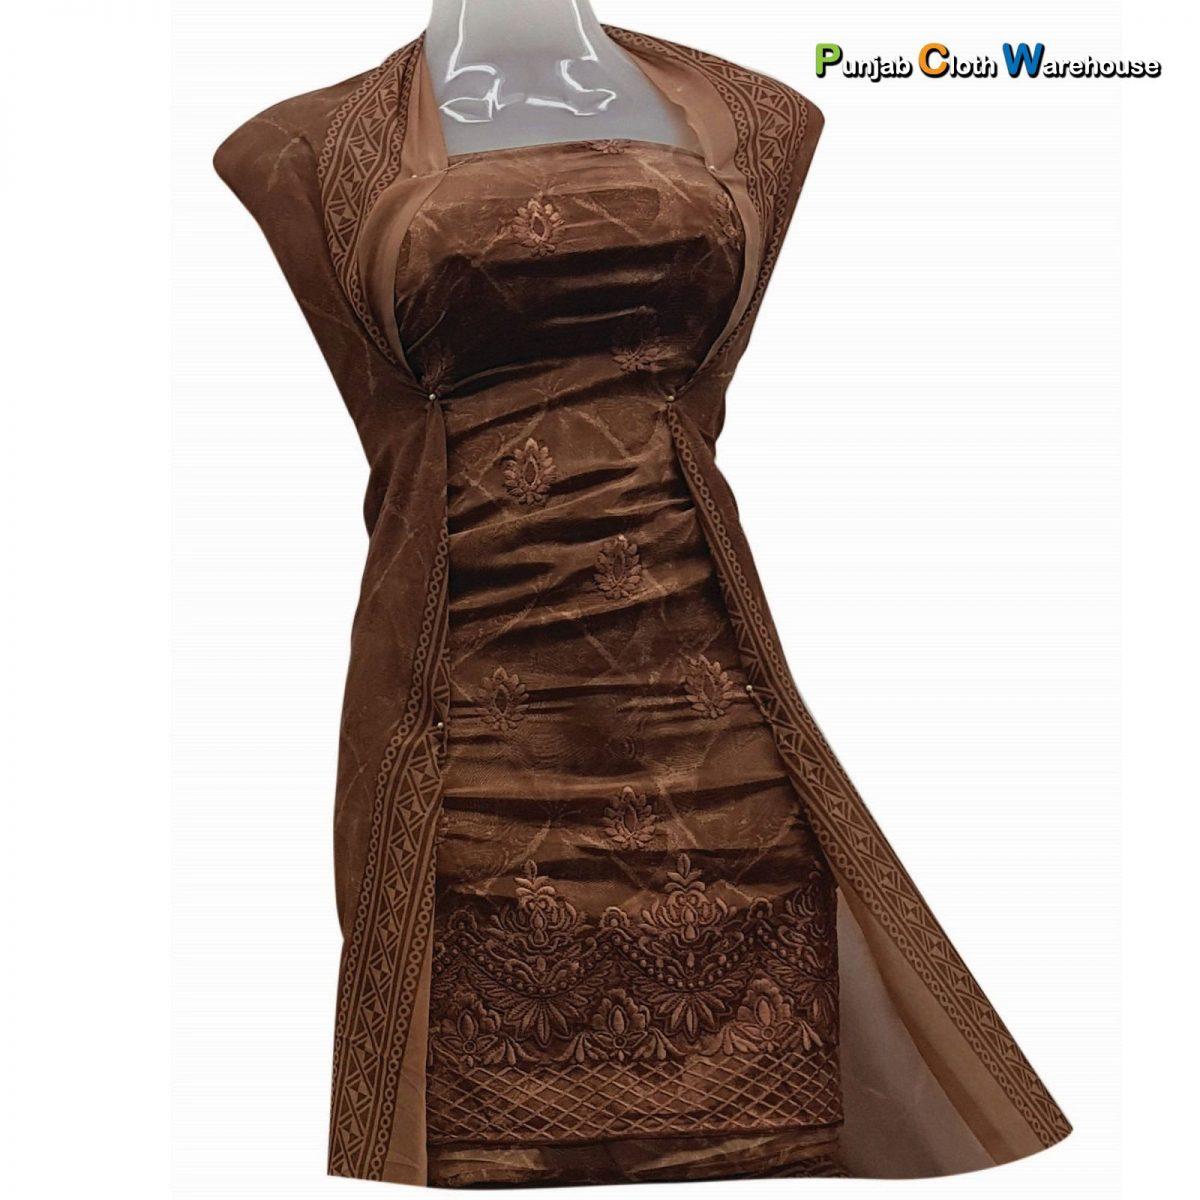 Ladies Suits - Cut Piece - Punjab Cloth Warehouse, Surrey (40)